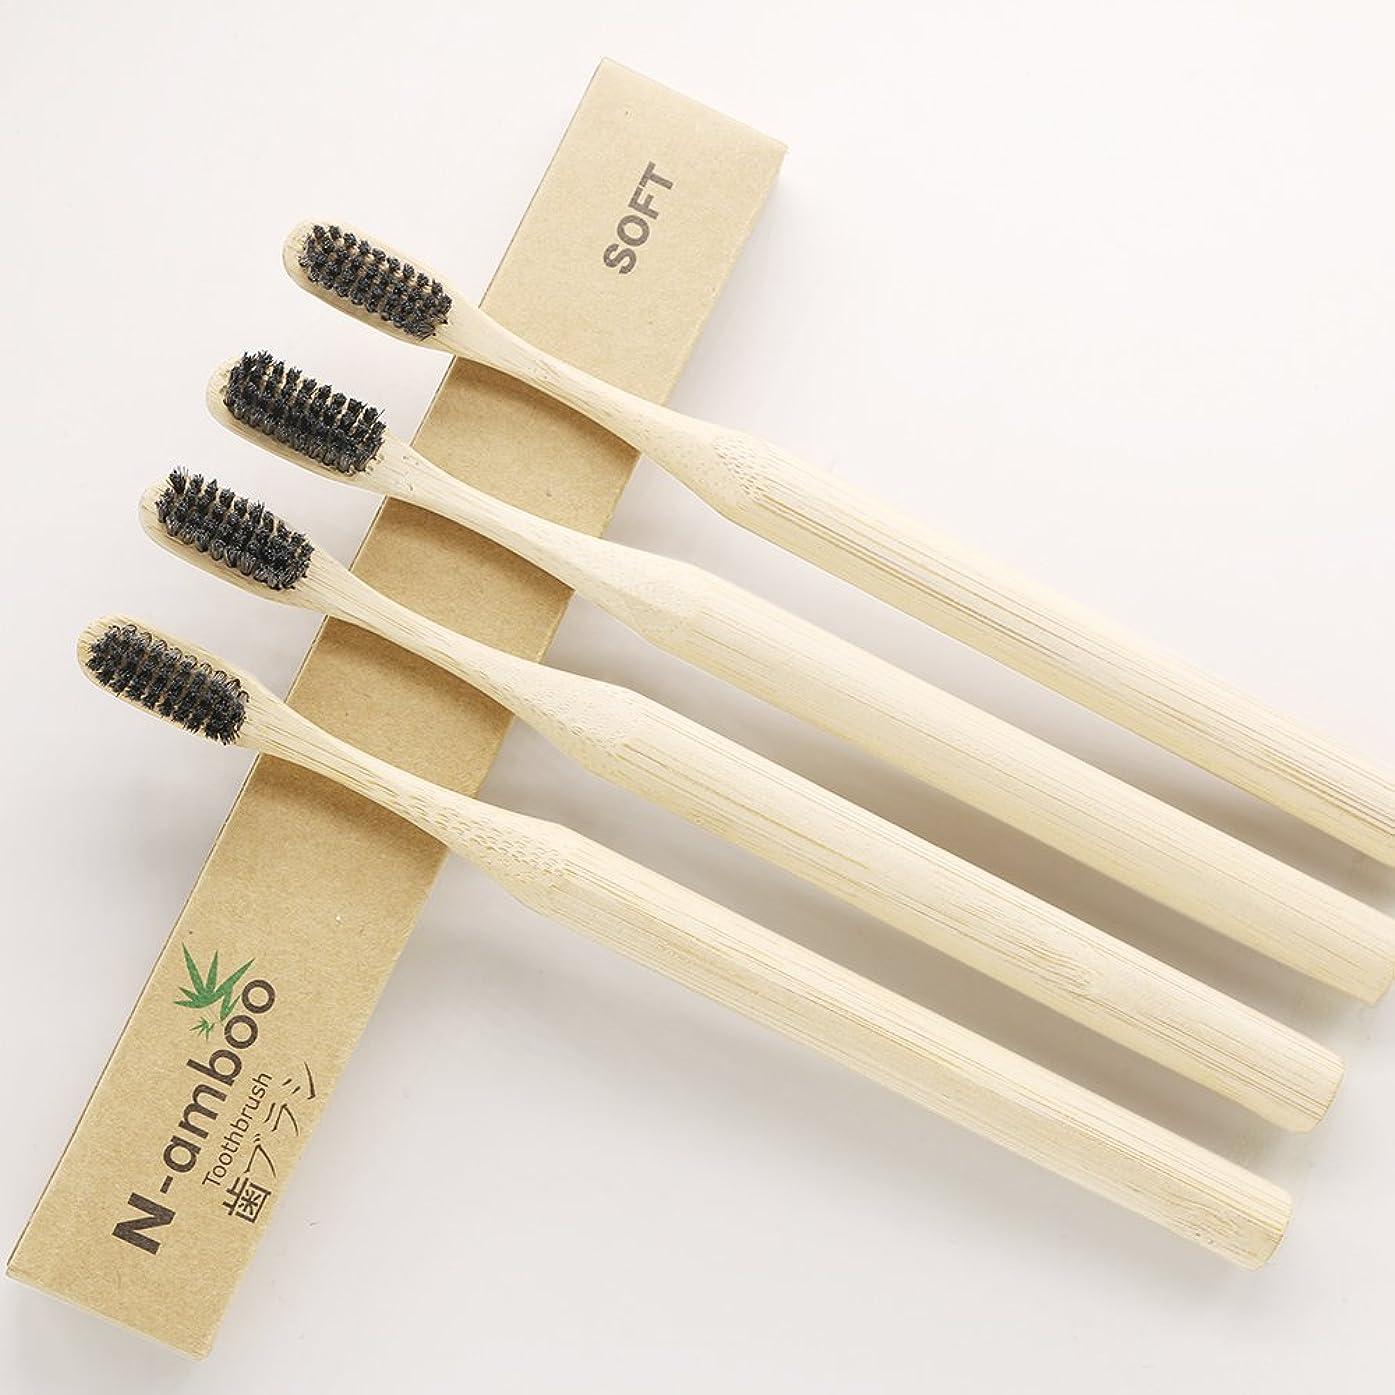 虚弱お風呂野菜N-amboo 竹製耐久度高い 歯ブラシ 4本入り セット 黒い